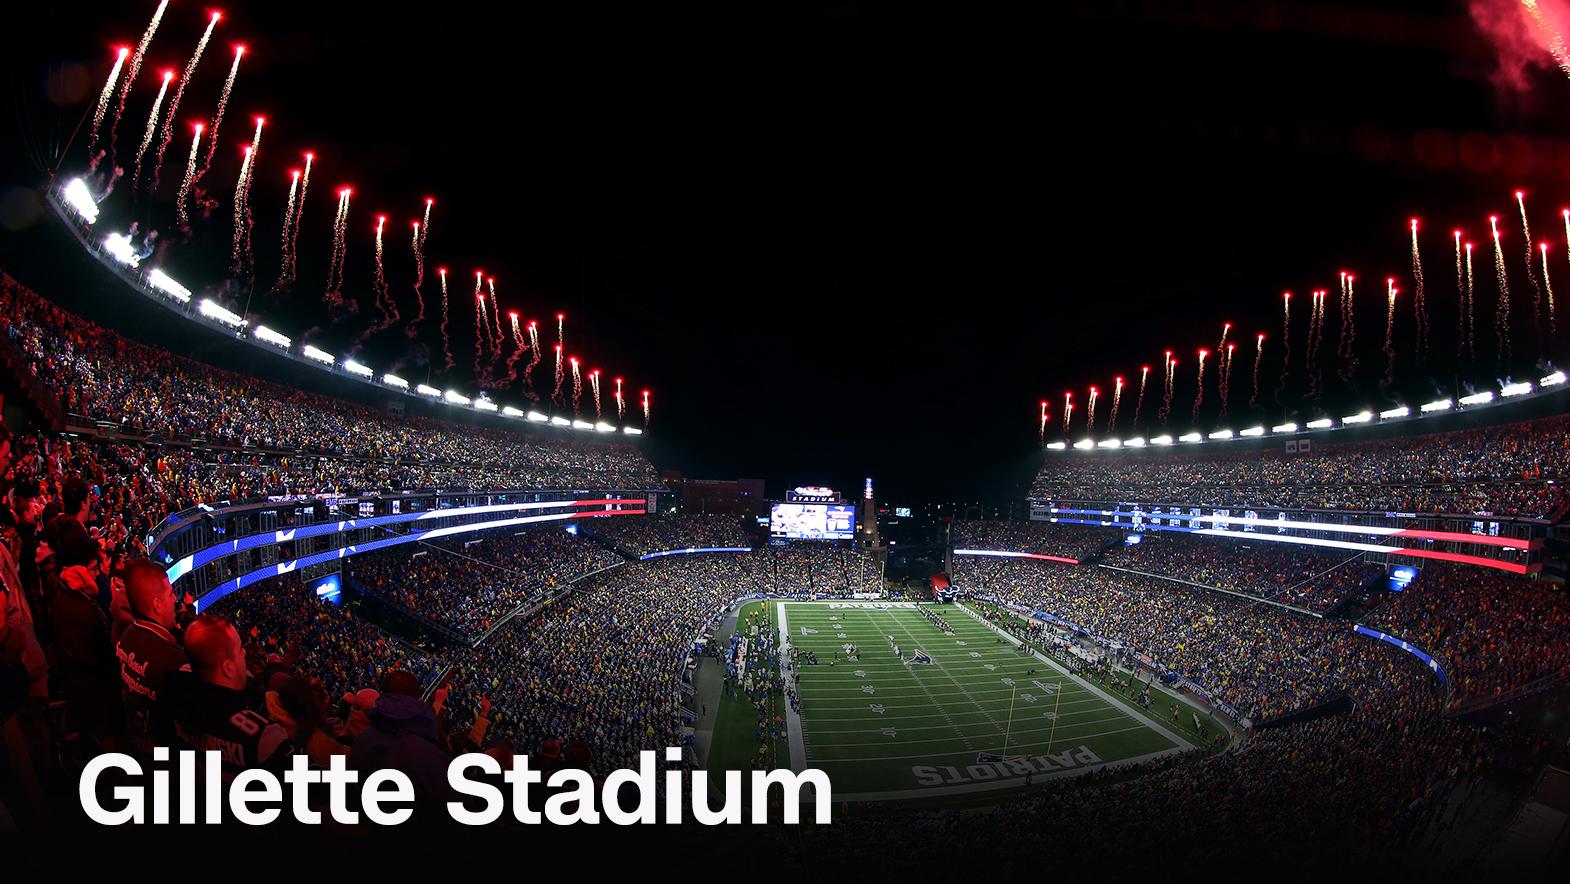 (Crédito: Mike Lawrie/Getty Images)